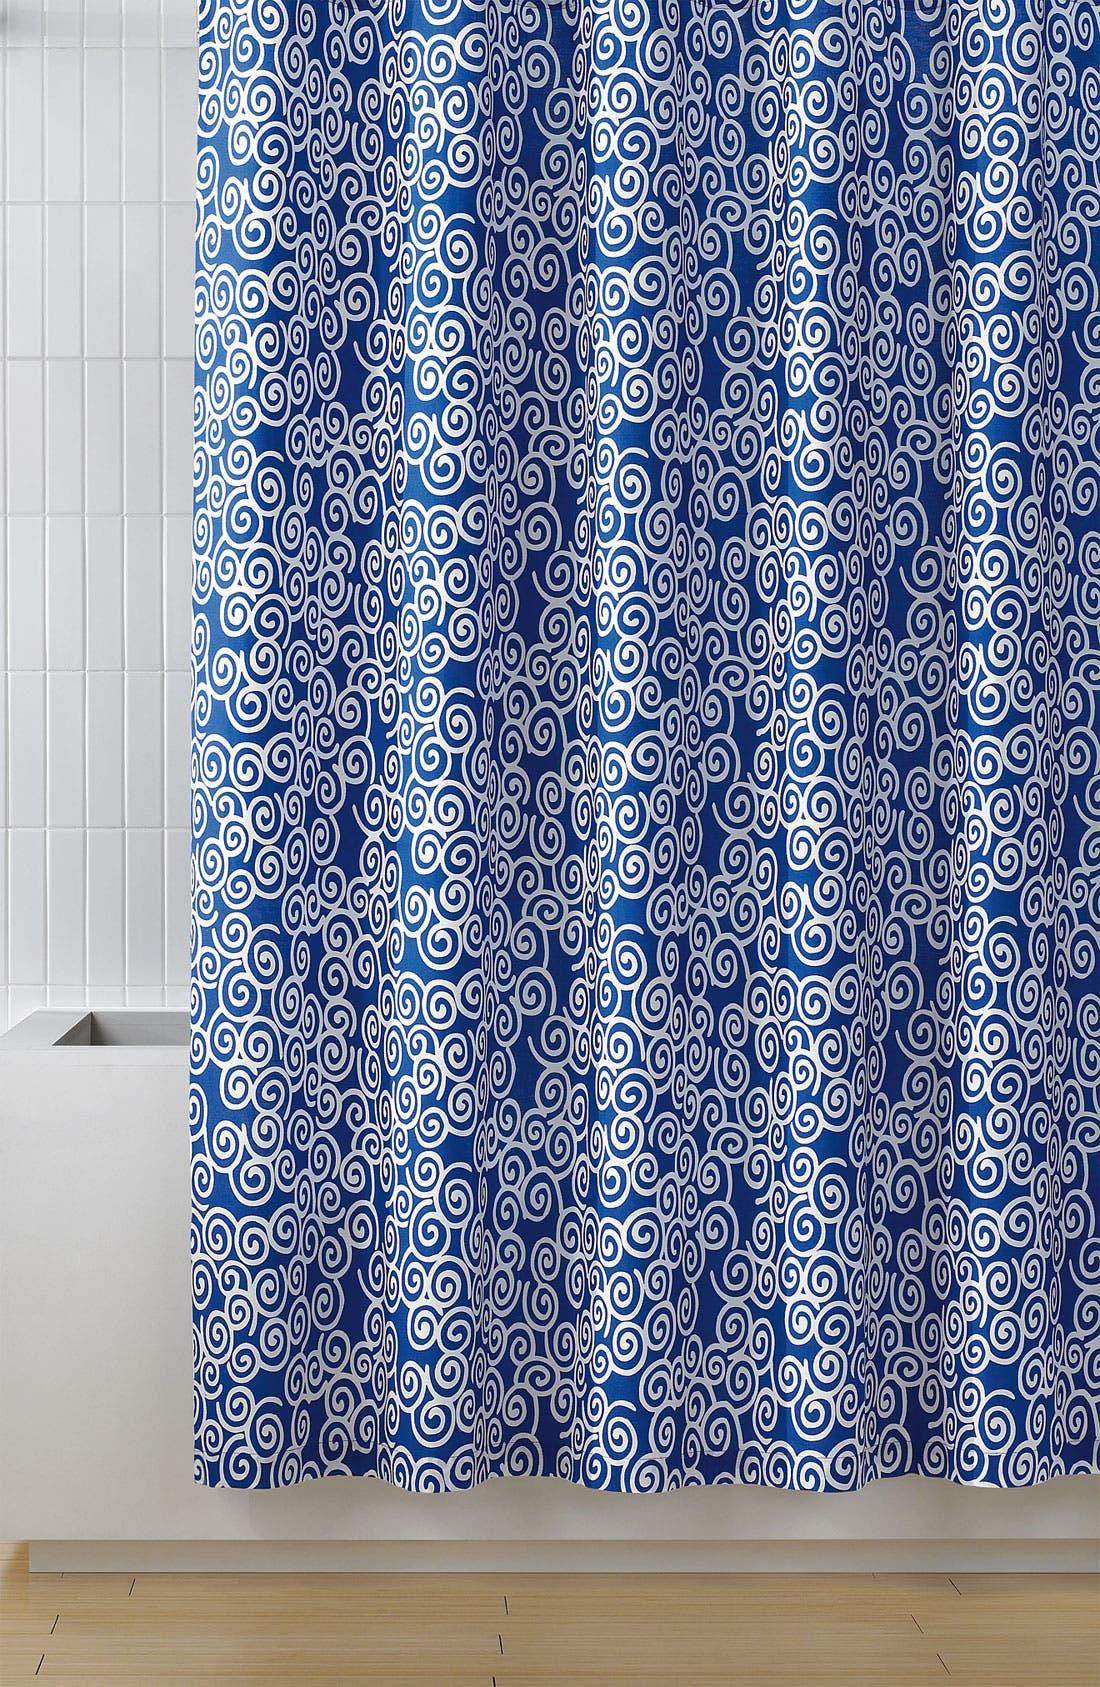 Alternate Image 1 Selected - Diane von Furstenberg 'Swirls' Shower Curtain